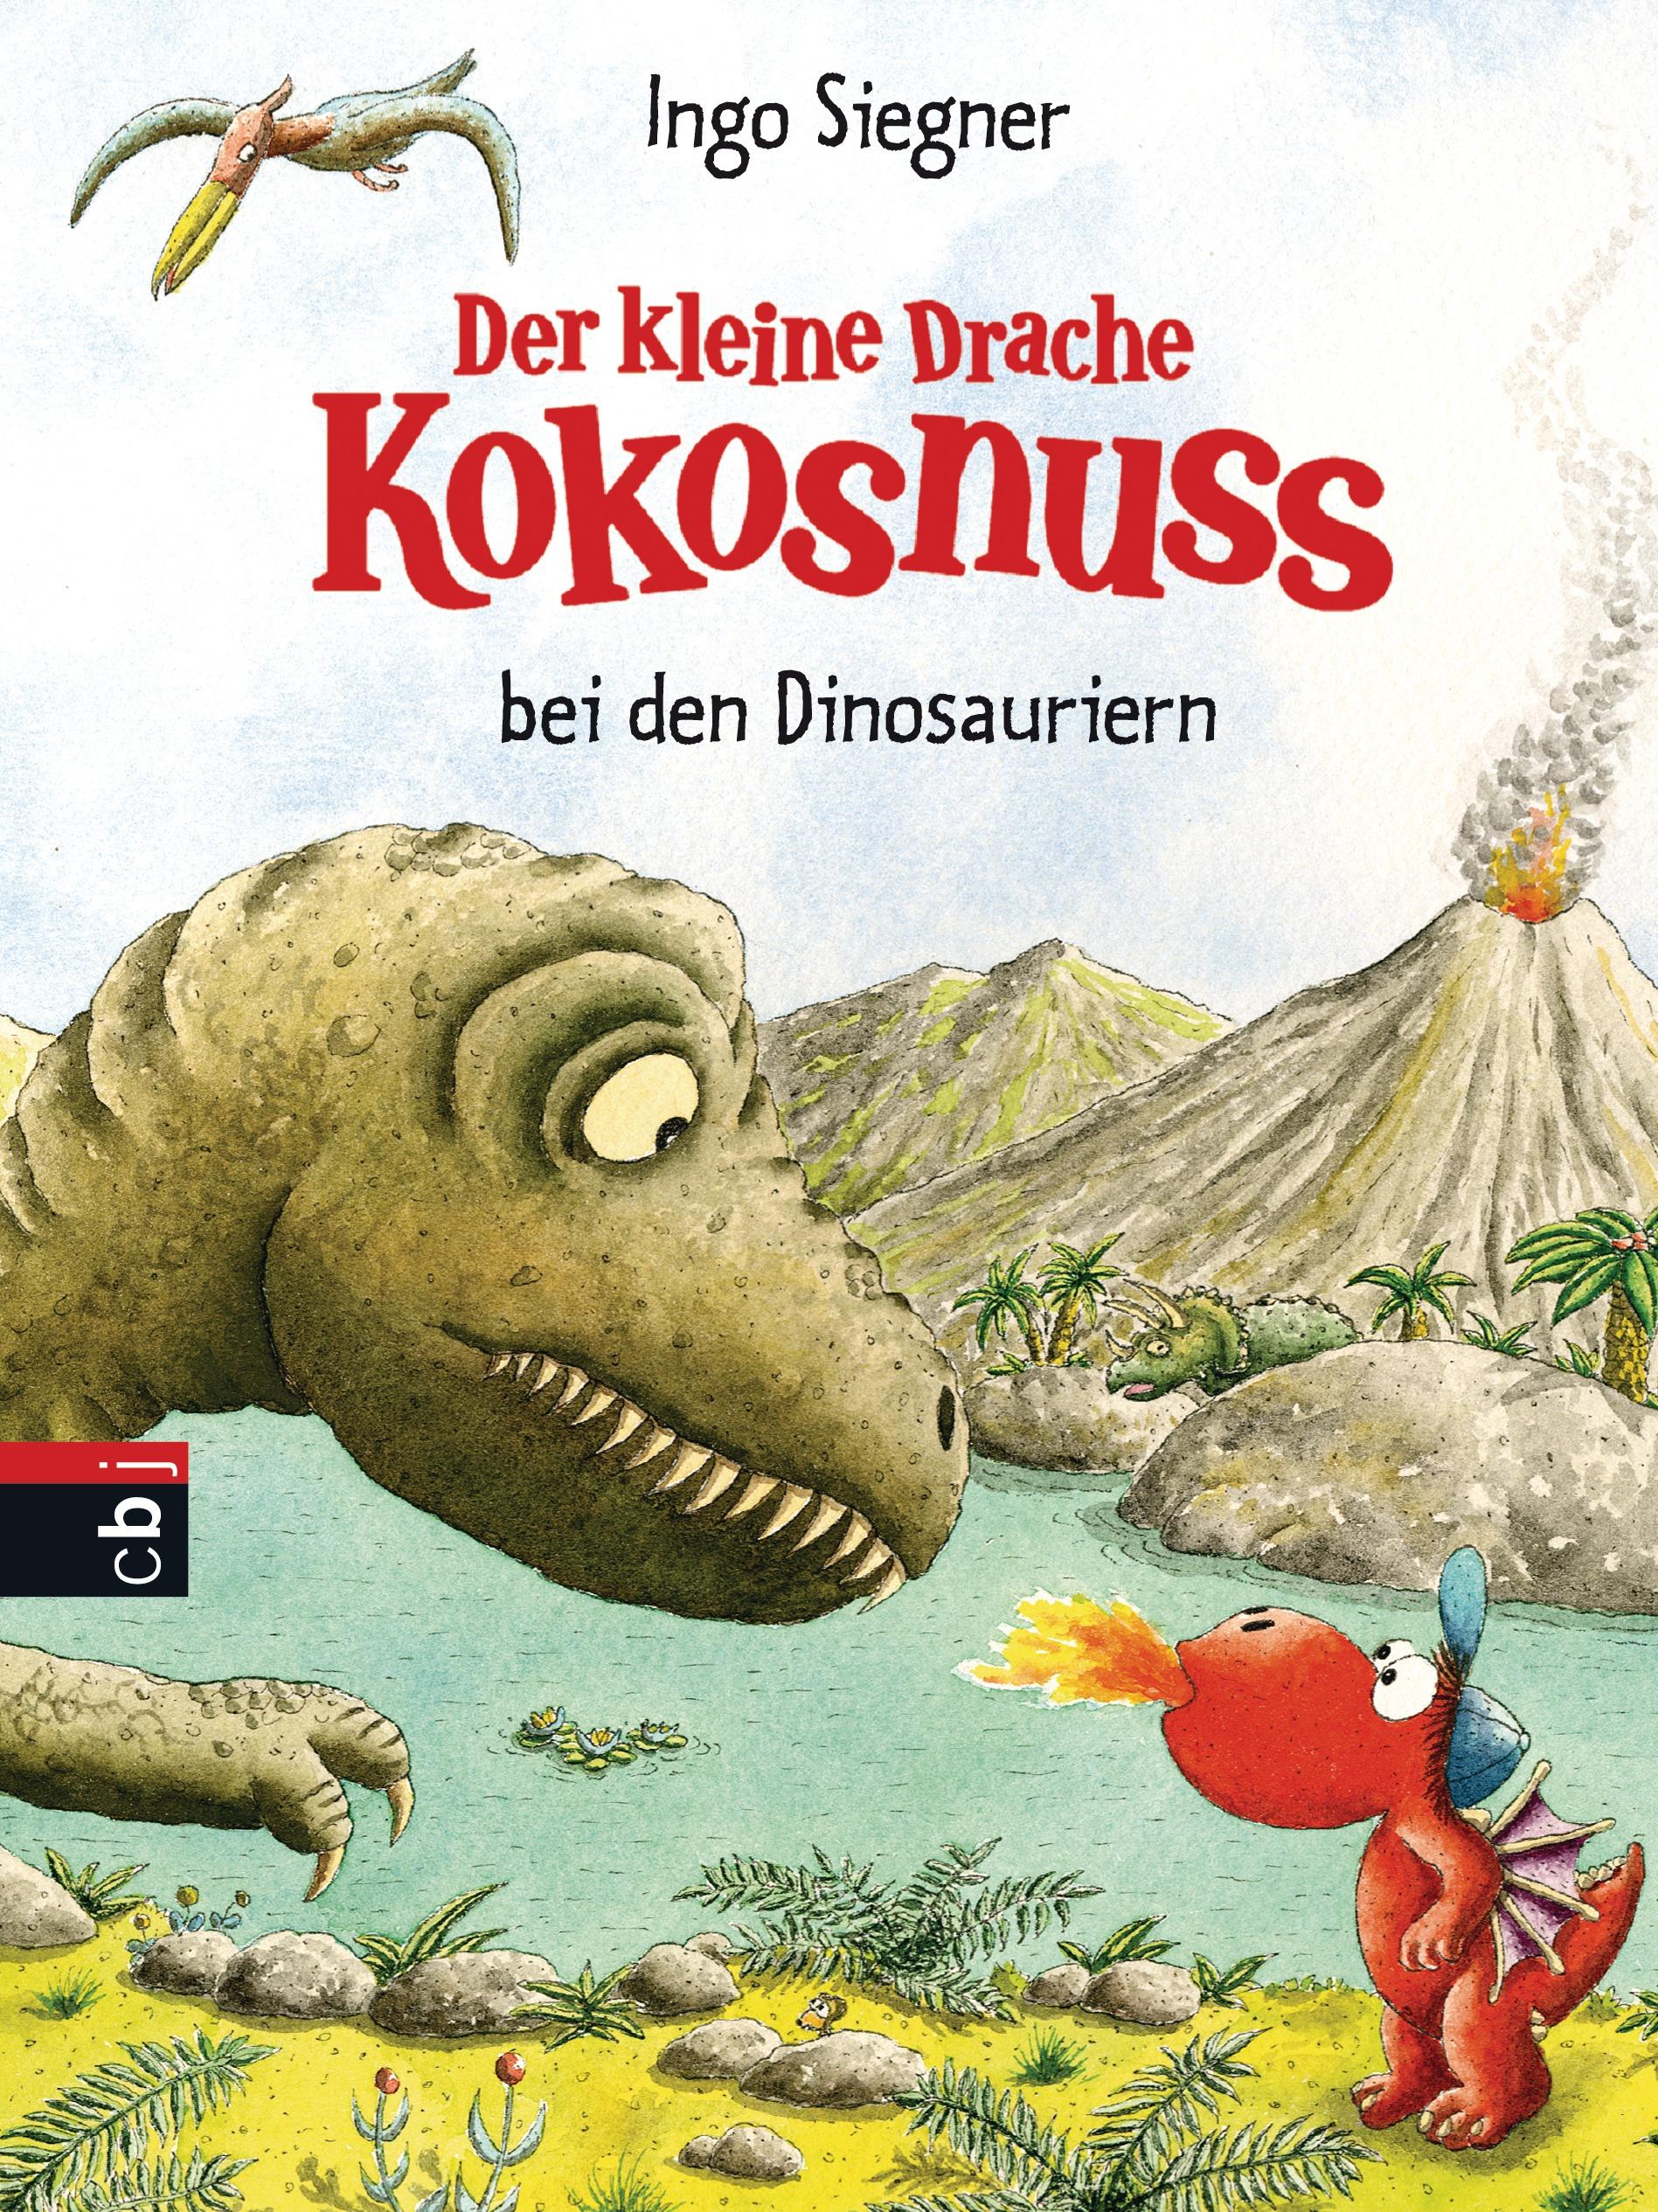 Der kleine Drache Kokosnuss bei den Dinosauriern - Ingo Siegner